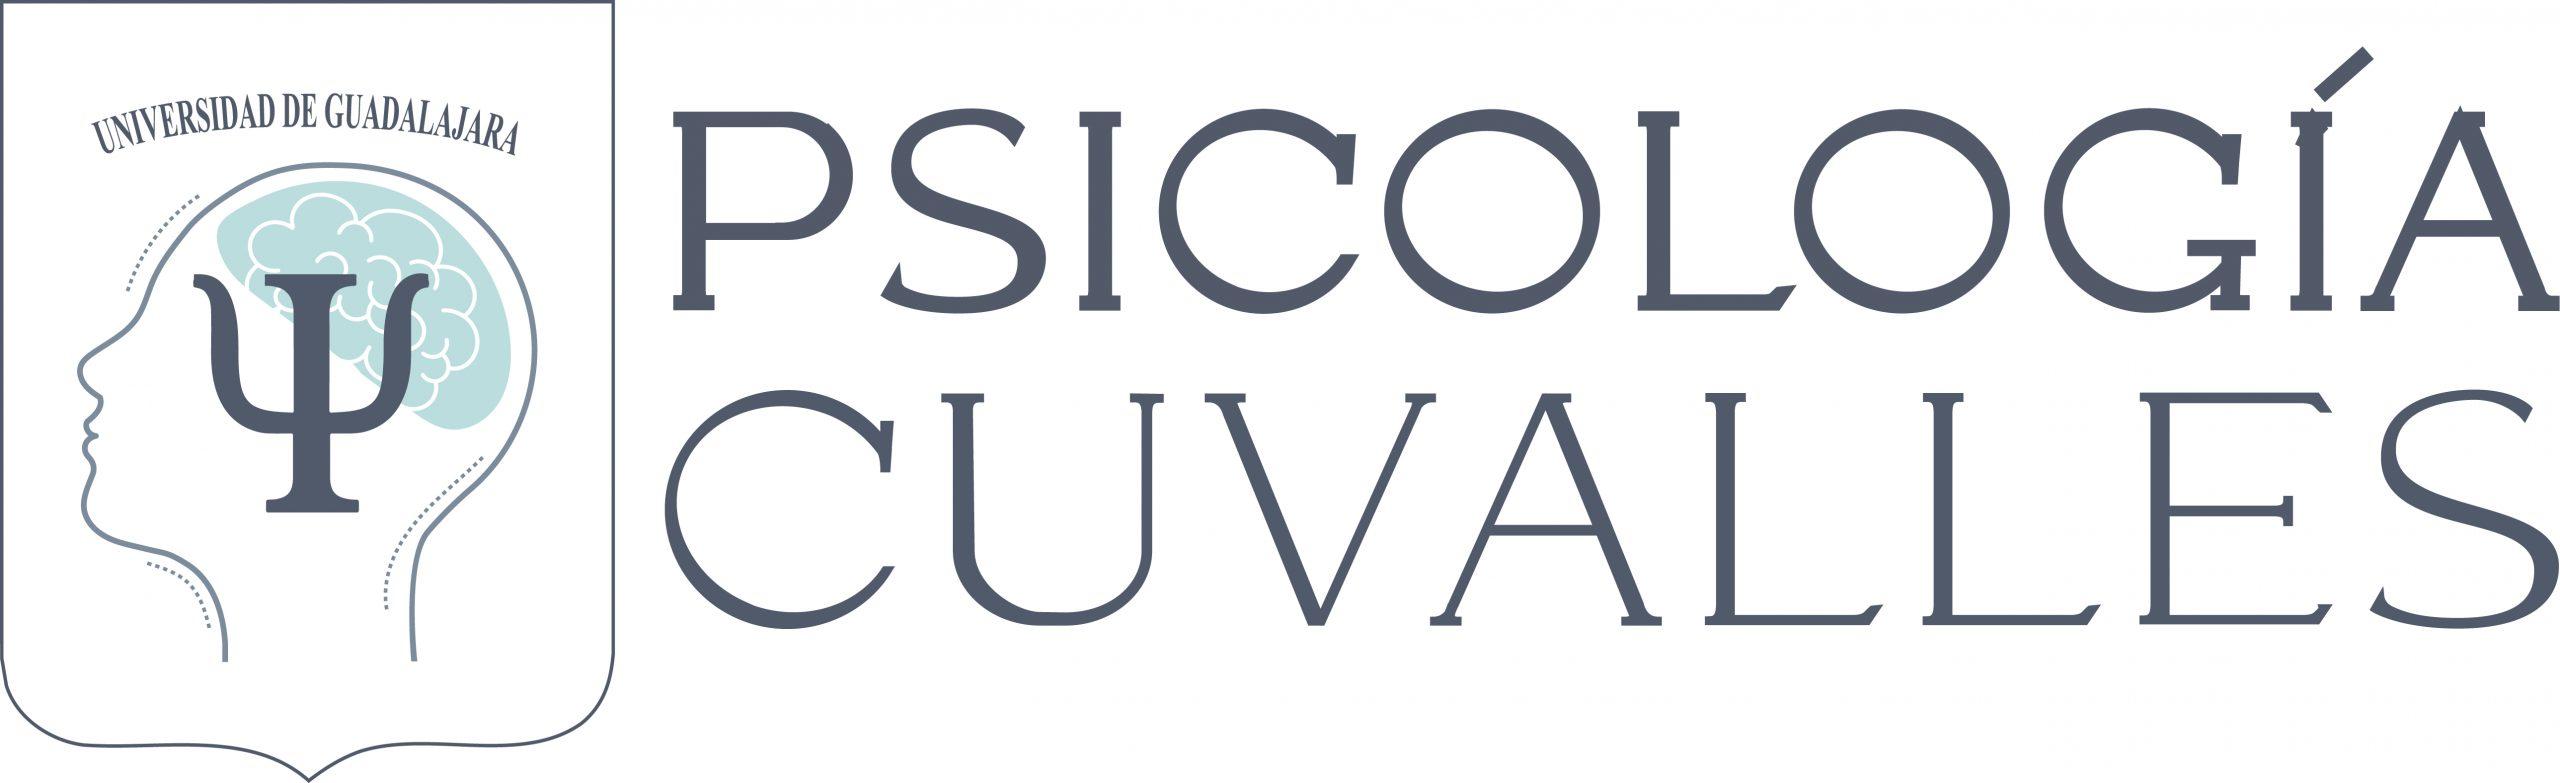 Psicologia Cuvalles Logo